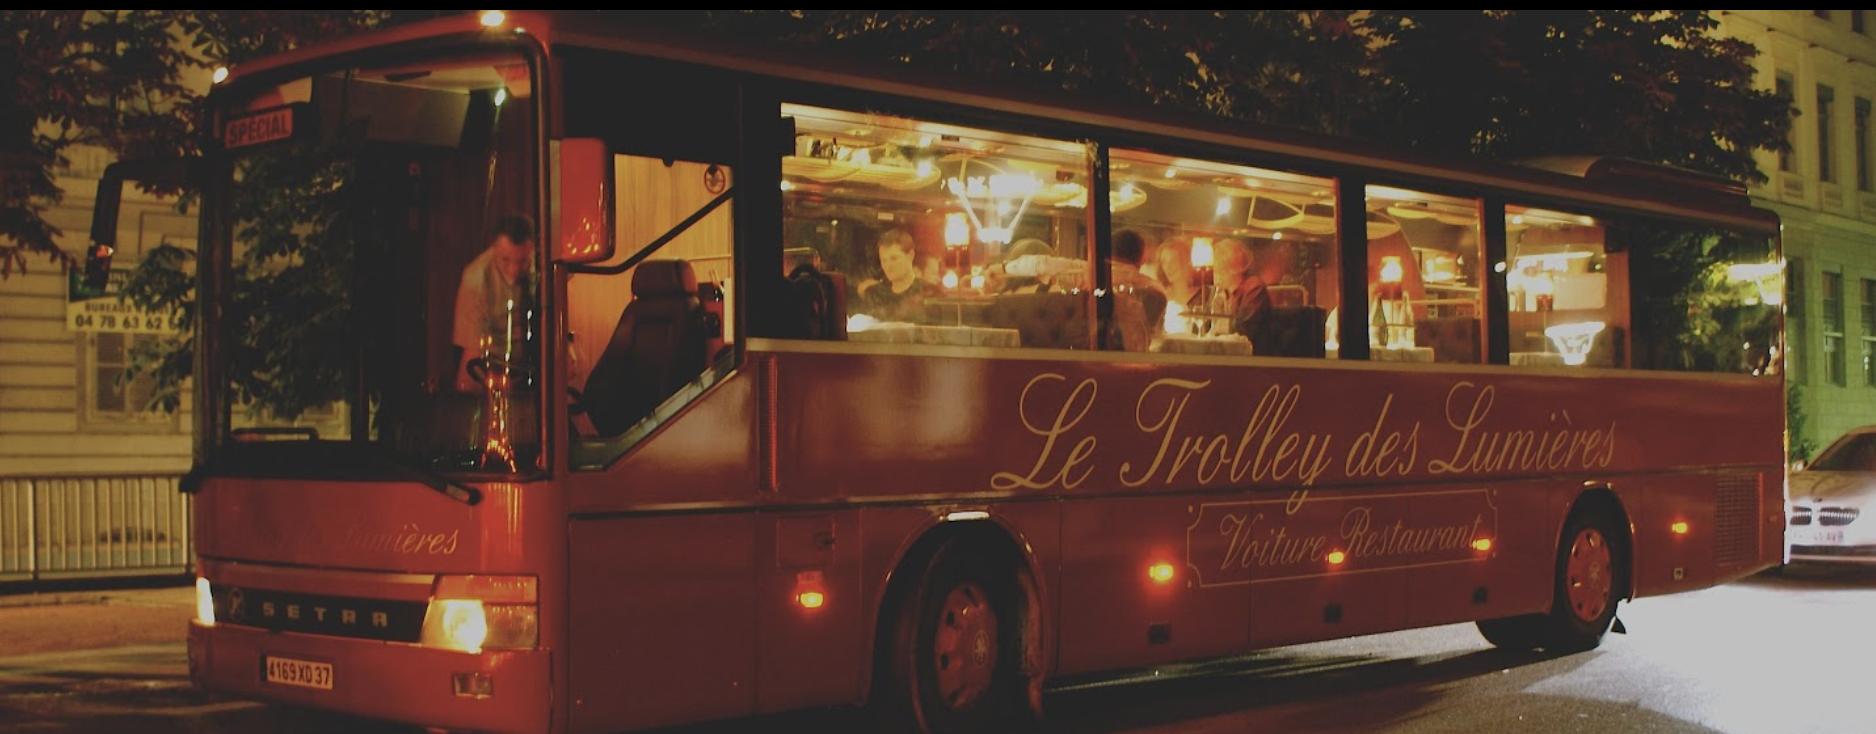 Le Trolley Des Lumières